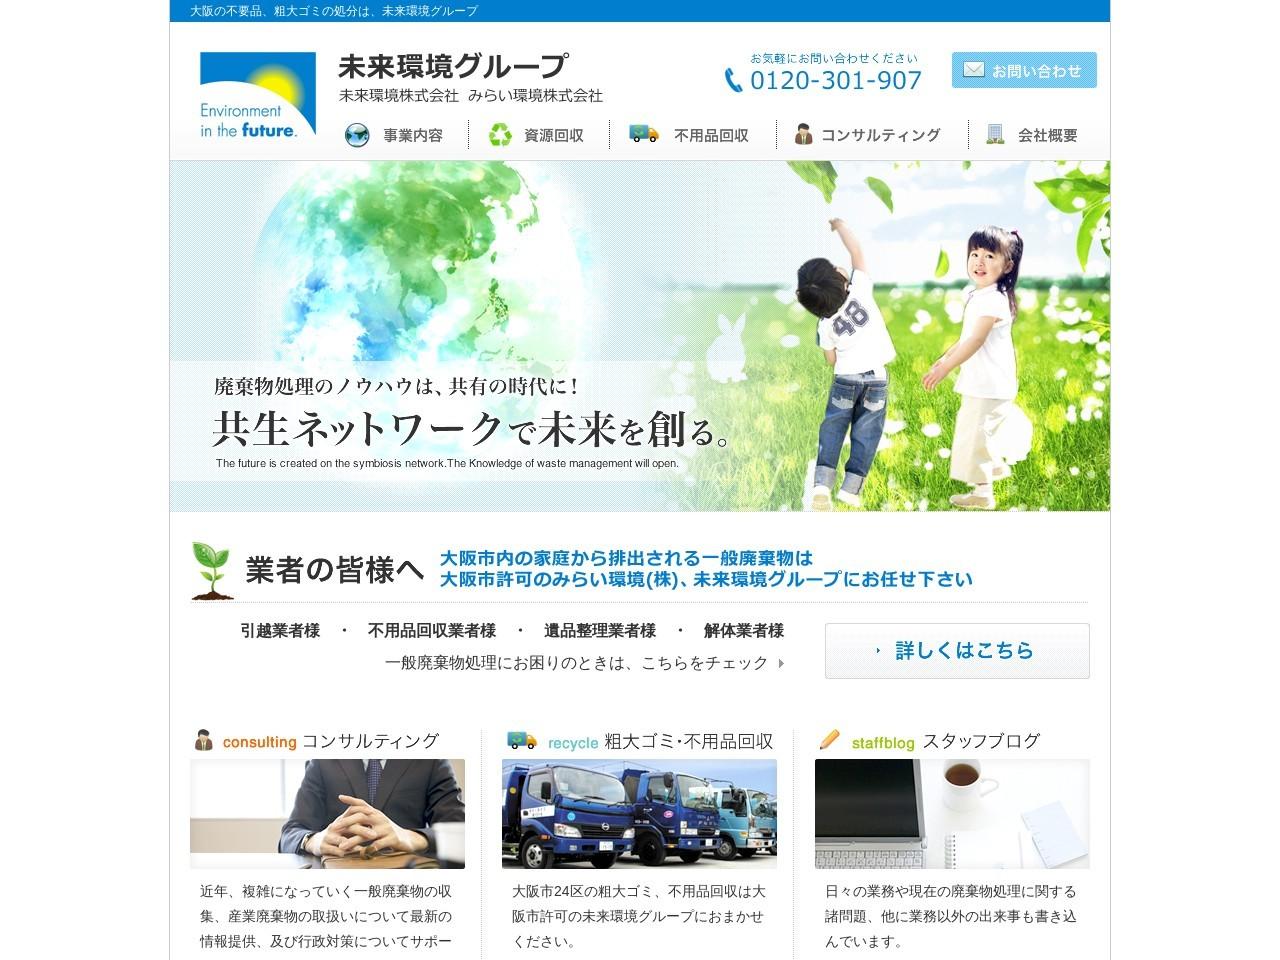 未来環境株式会社